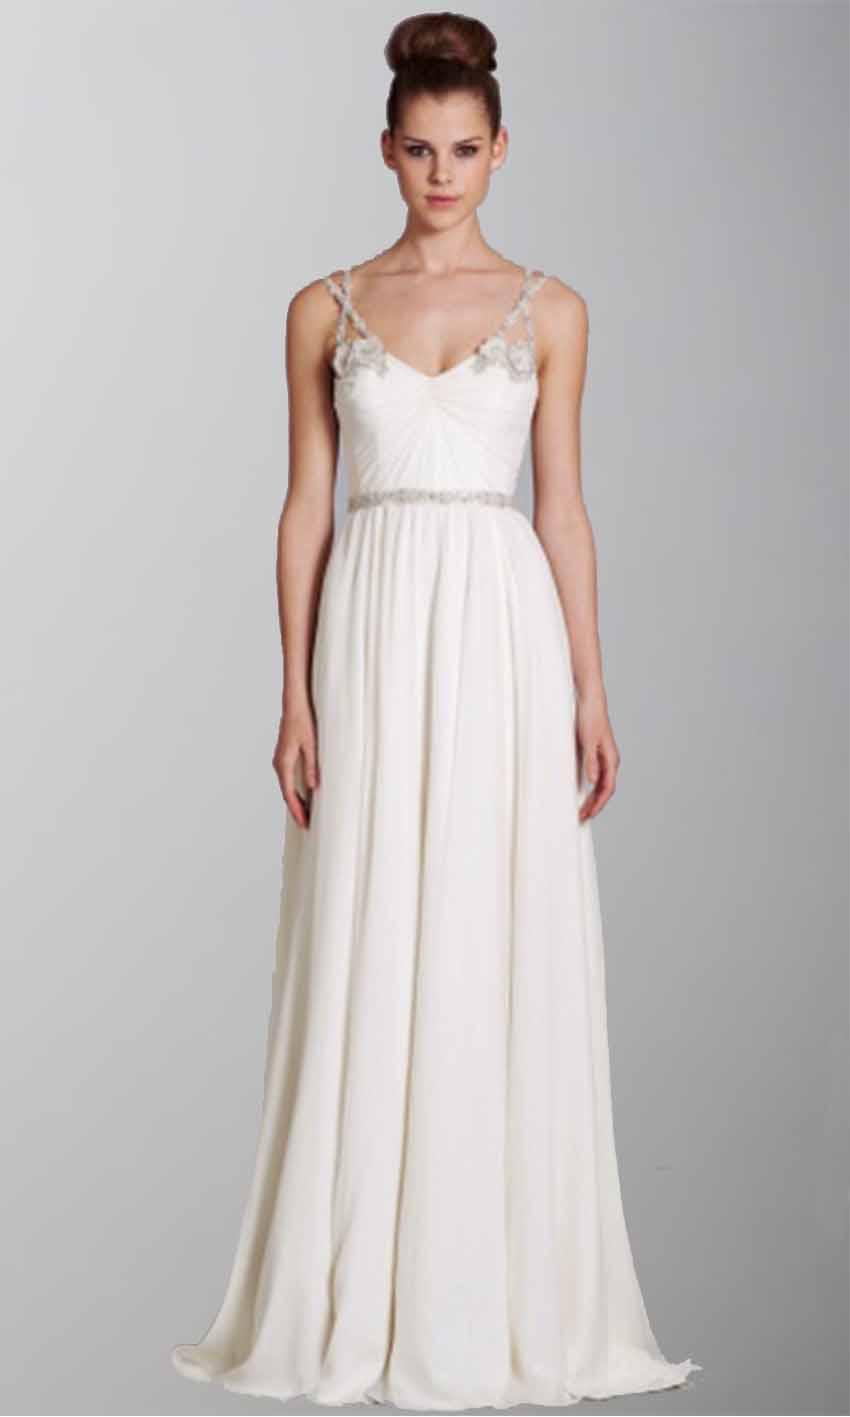 White Spaghetti Flowers Long Wedding Dresses KSP255